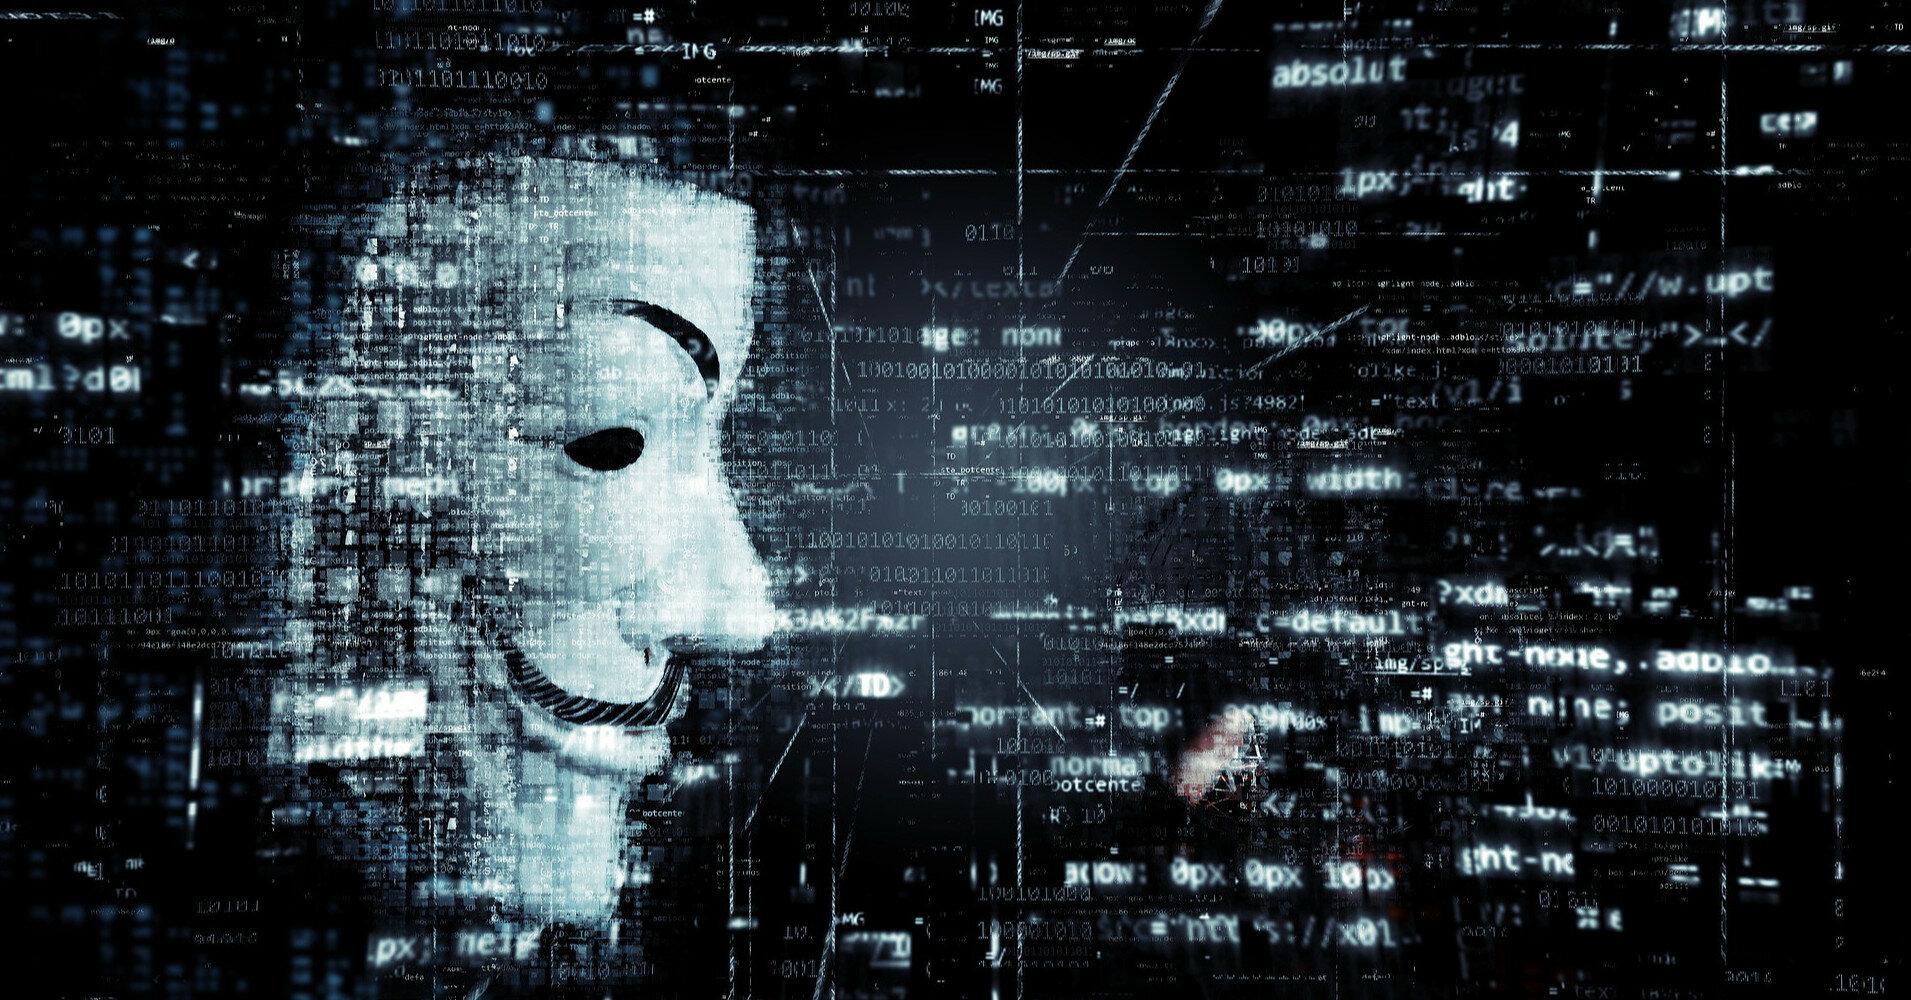 Польша обвинила Россию в кибератаке на политиков